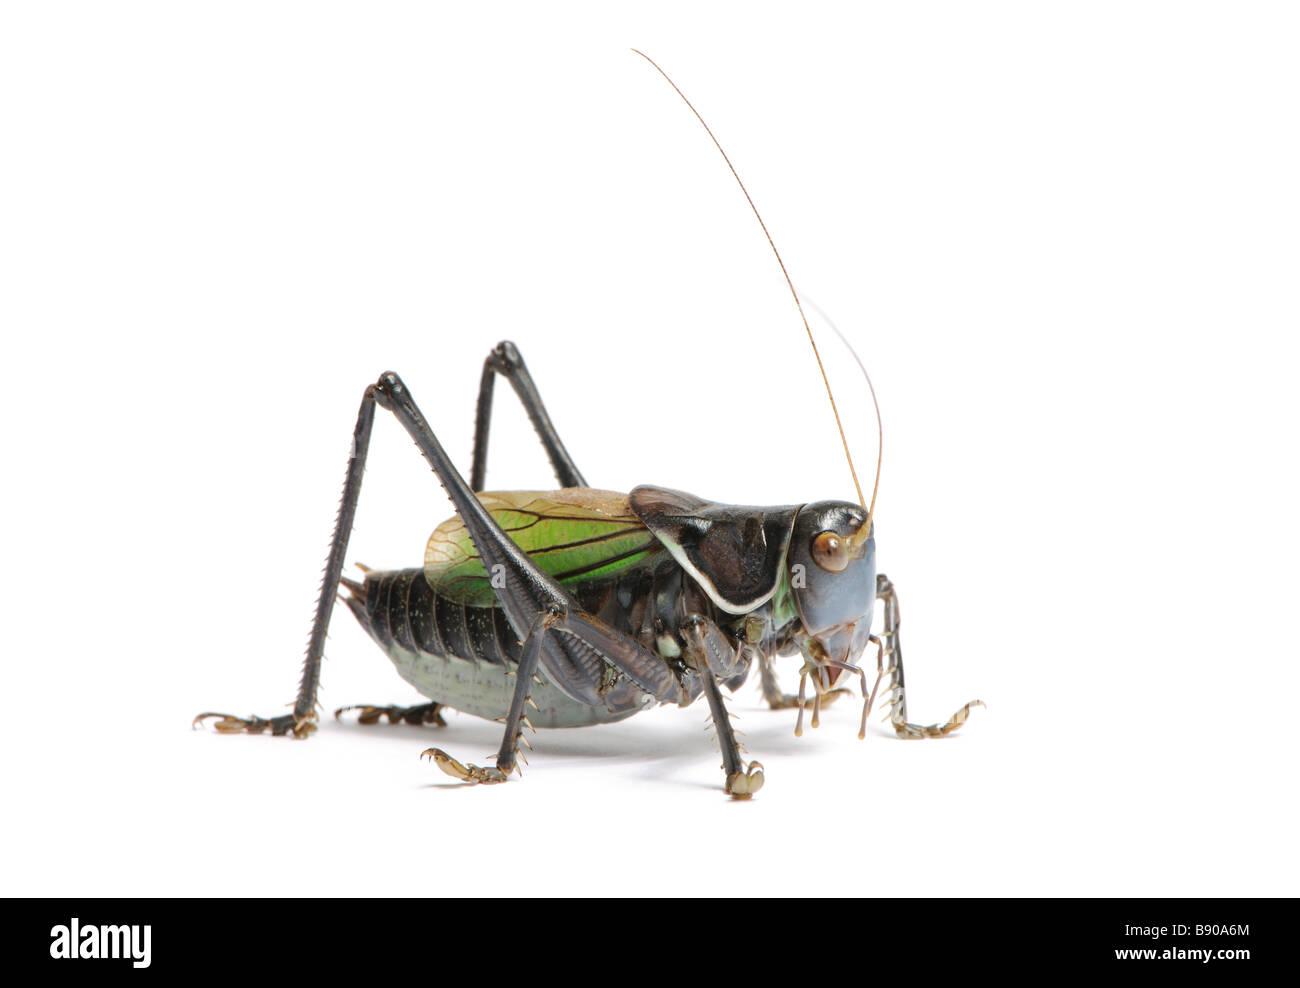 Heuschrecke Gampsocleis Gratiosa vor einem weißen Hintergrund Stockbild